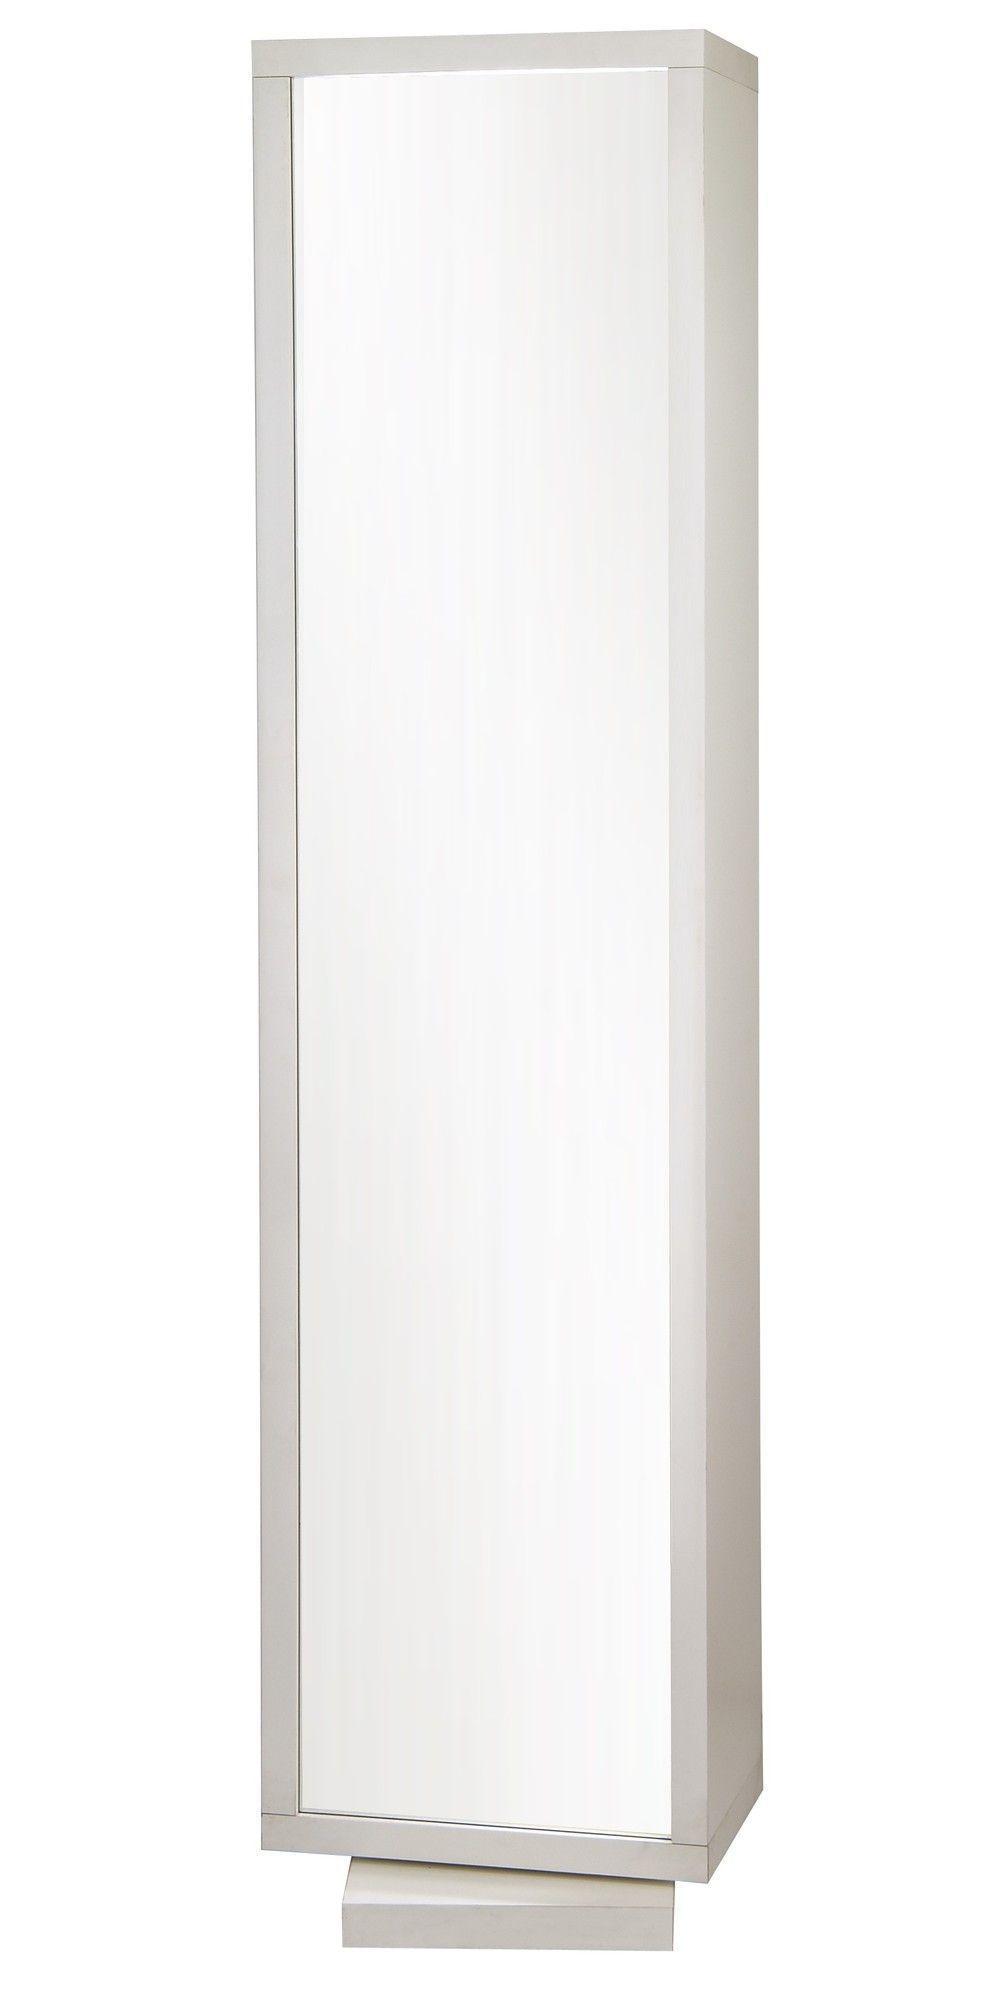 Home Deluxe Mirror And Swivel Floor Cabinet Swivel Stands  # Plasma De Luxe